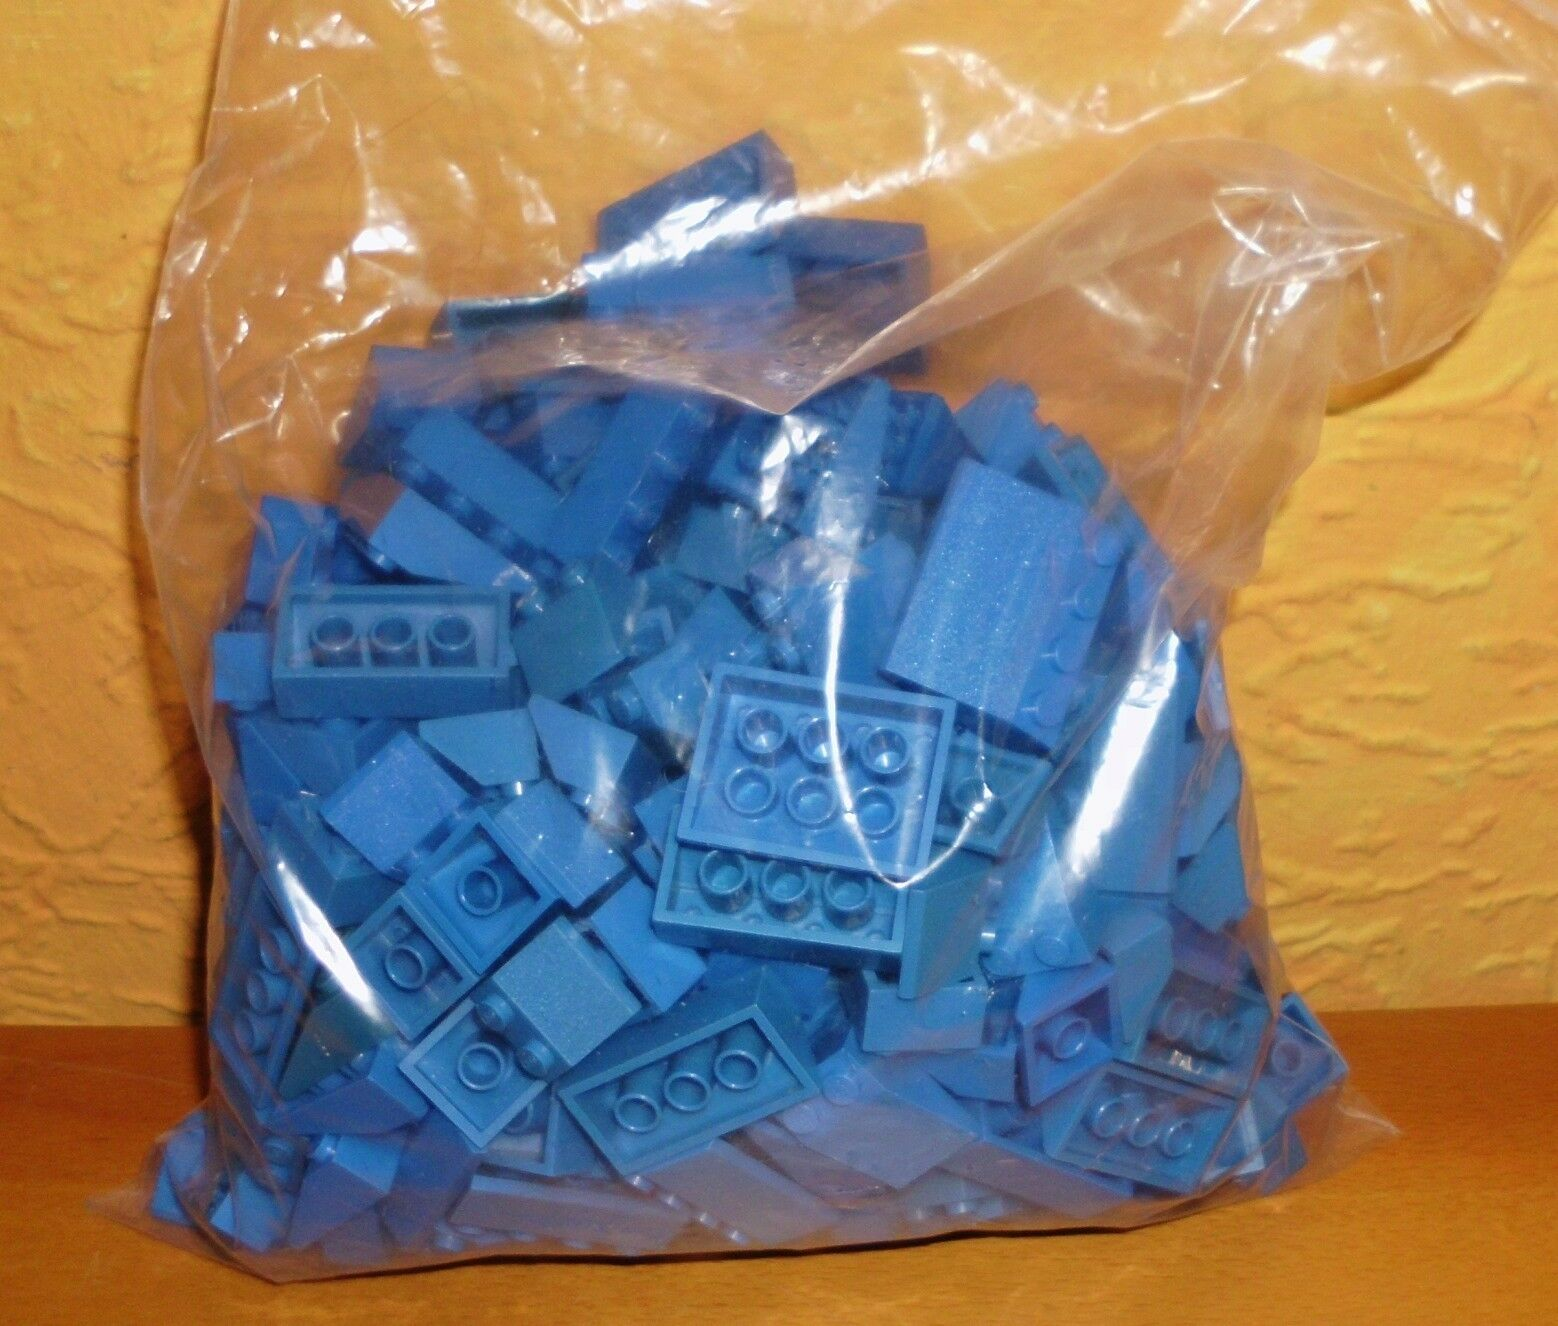 Lego Steine ca. 450g Dachziegel 3x2 3x4 2x4 2x2 blau 3297 3298 3299 3037 3039